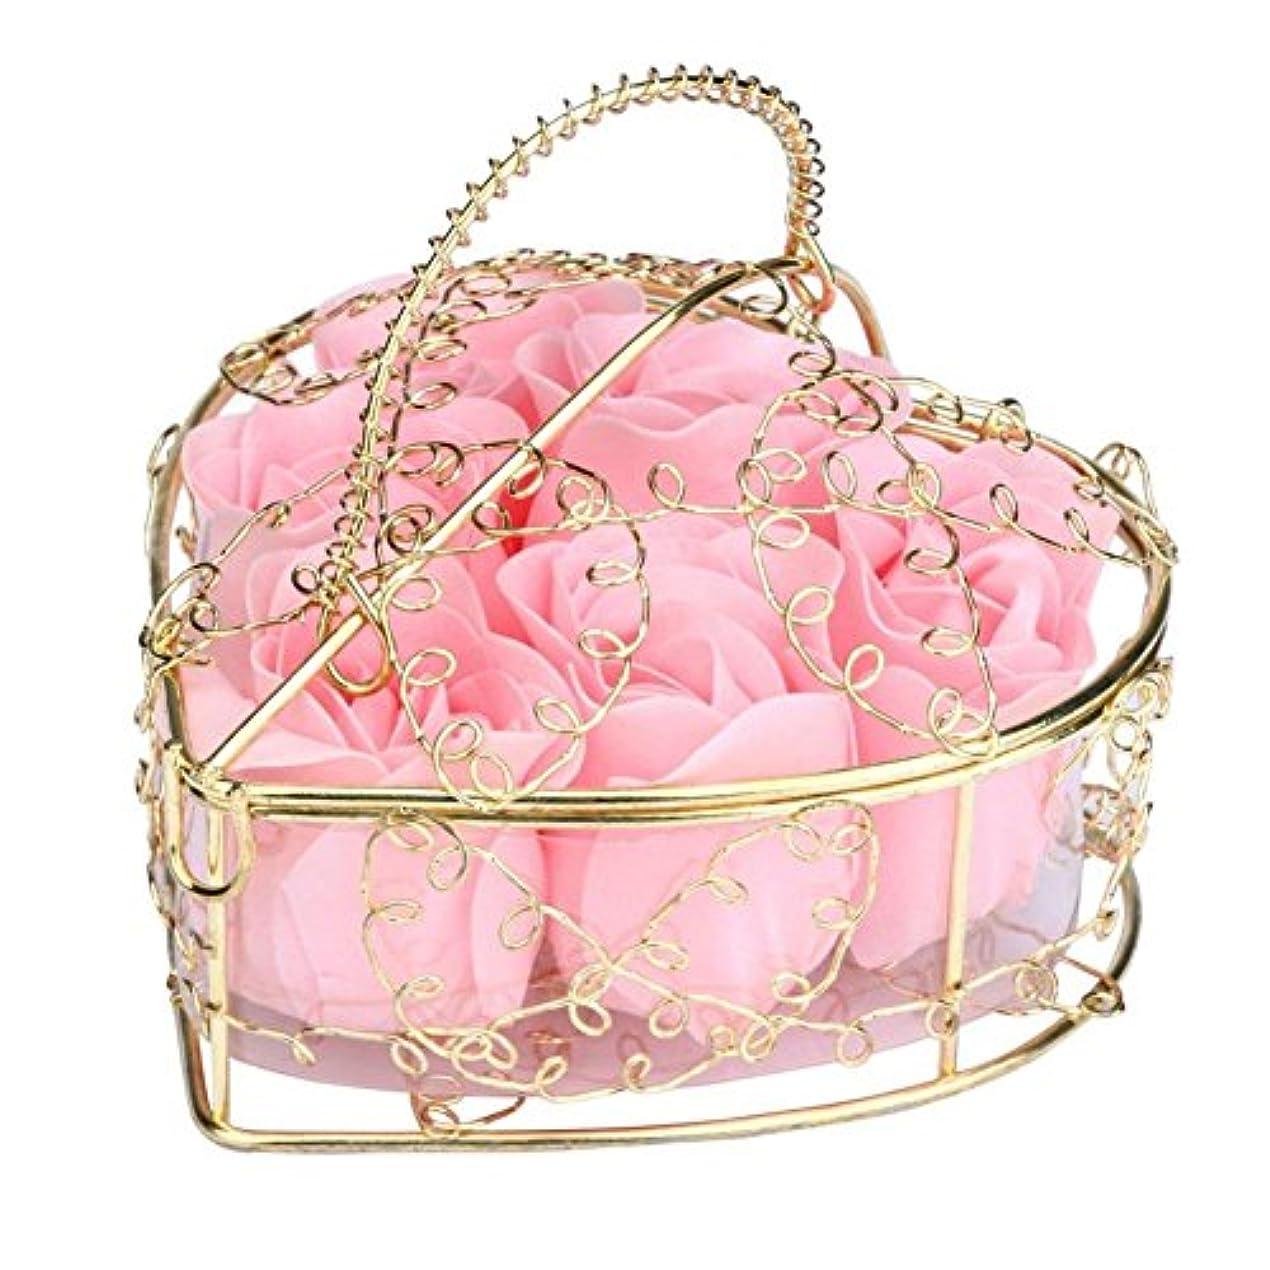 見つける高原ラッチSODIAL 6個の香り付きローズフラワー 花びらバス ボディソープ ウェディングパーティーギフト ホームDIYデコレーション(ピンク)